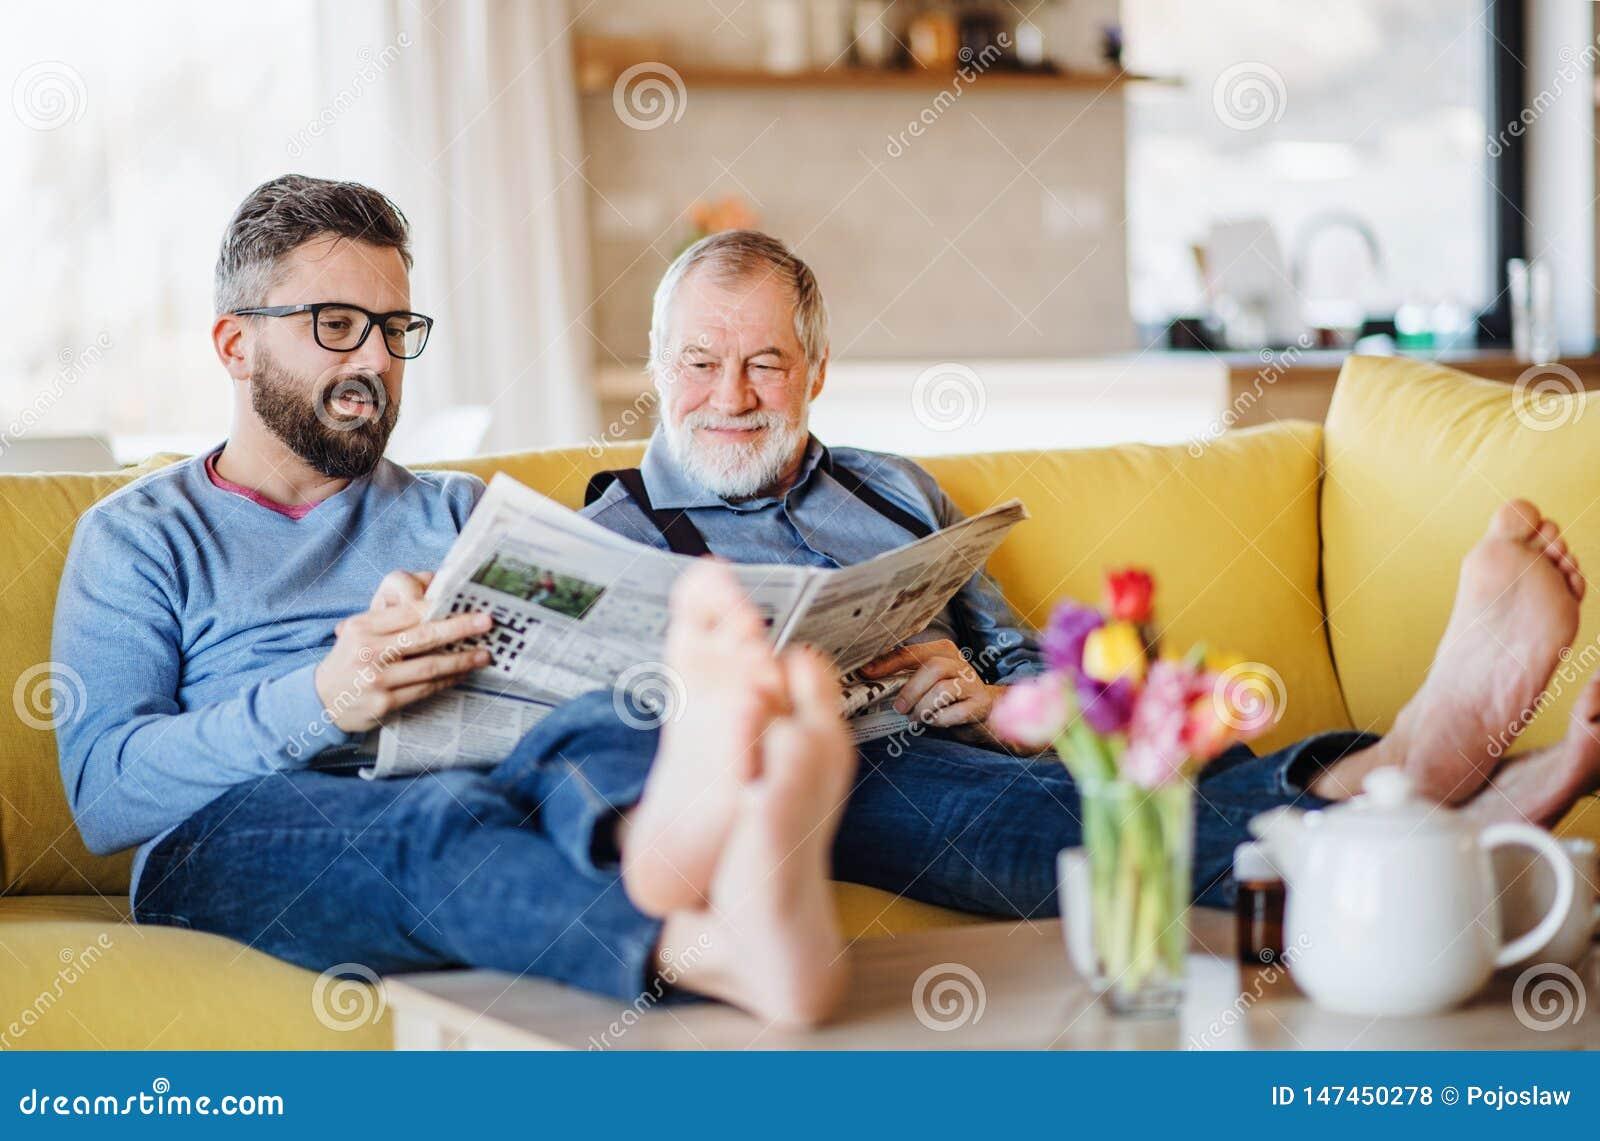 Ένας ενήλικος γιος hipster και μια ανώτερη συνεδρίαση πατέρων στον καναπέ στο εσωτερικό στο σπίτι, ομιλία